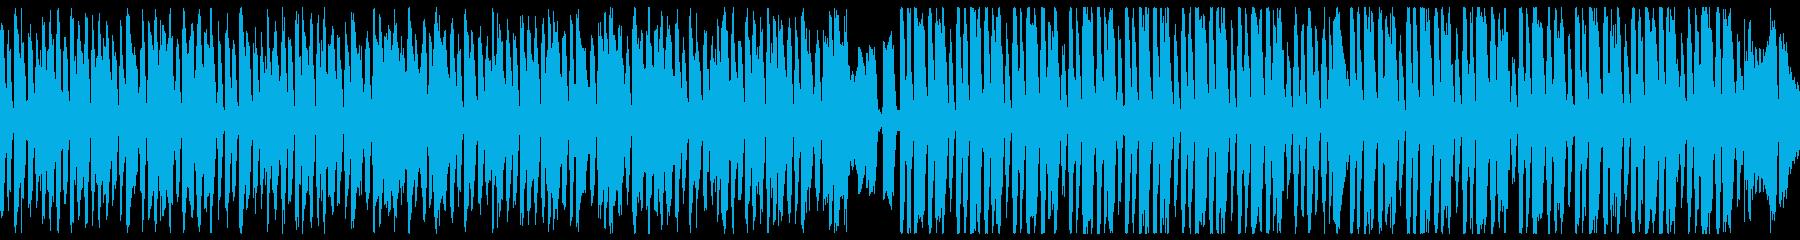 暗い・ハロウィン レトロジャズ(ループの再生済みの波形